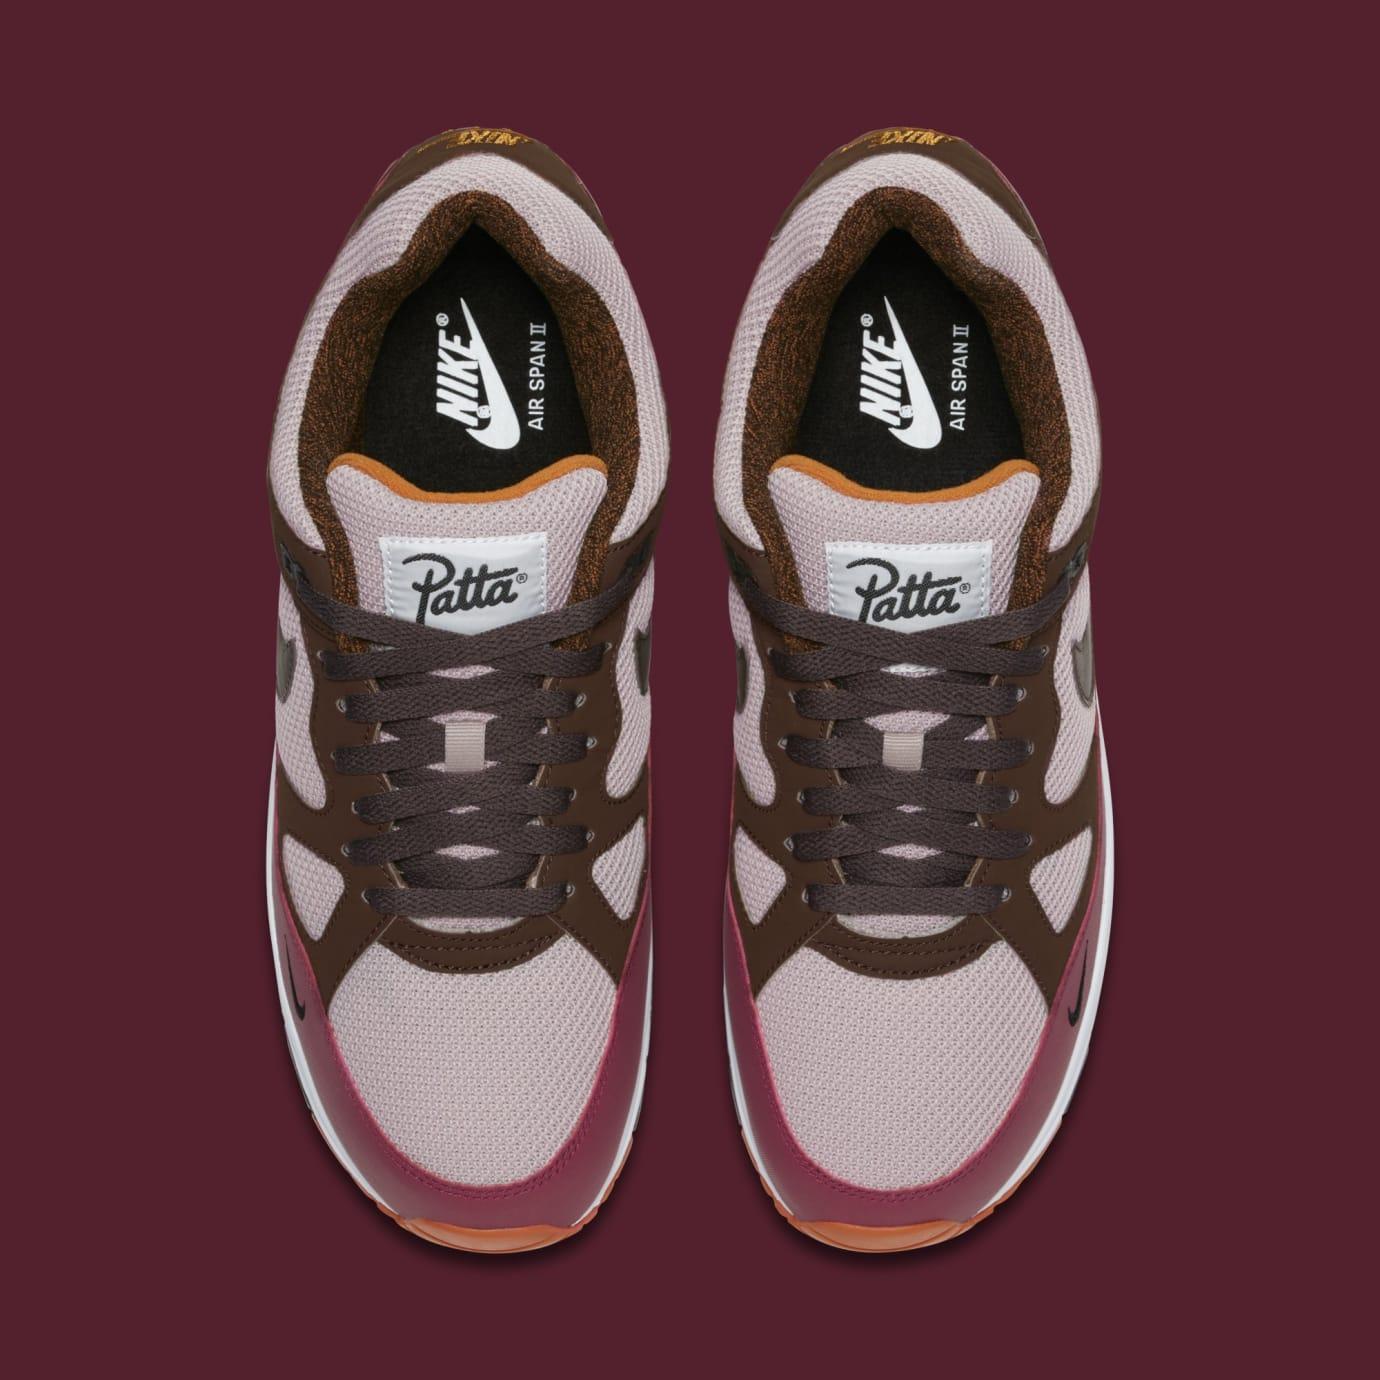 59e4e86a4d5c3a Image via Nike Patta x Nike Air Span 2 AO2925-600 (Top)